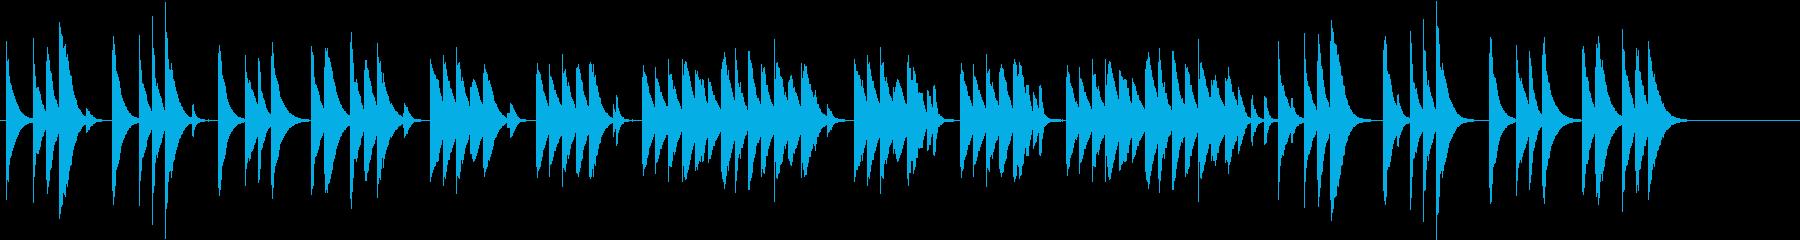 木琴で作ったほのぼのとしたジングルの再生済みの波形